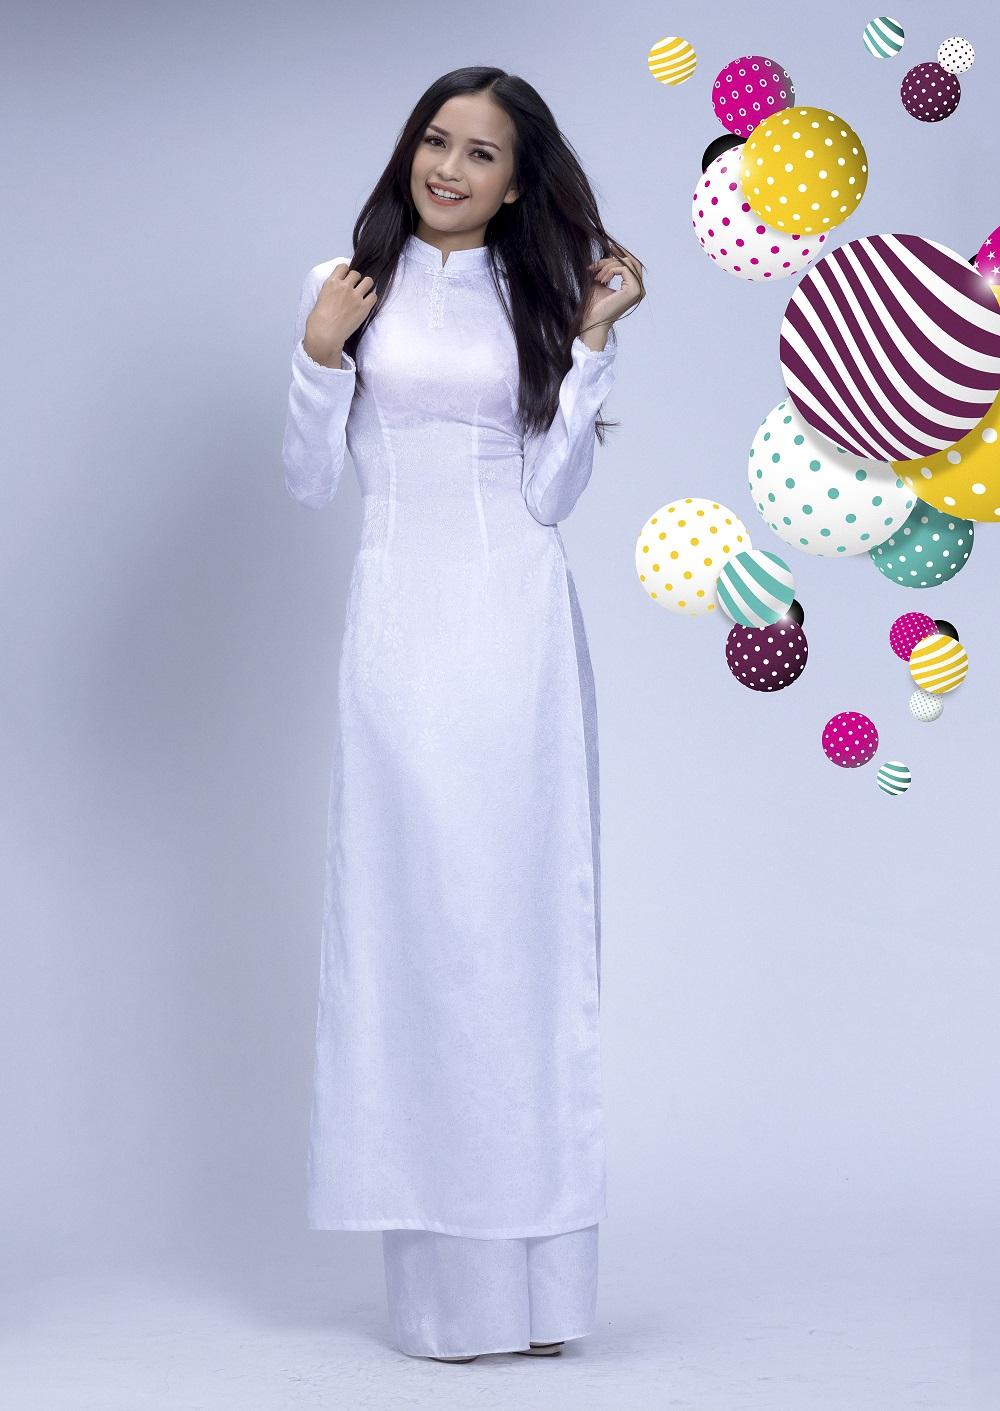 Đẹp tinh khôi với áo dài trắng lấy cảm hứng từ hội họa - Ảnh 5.